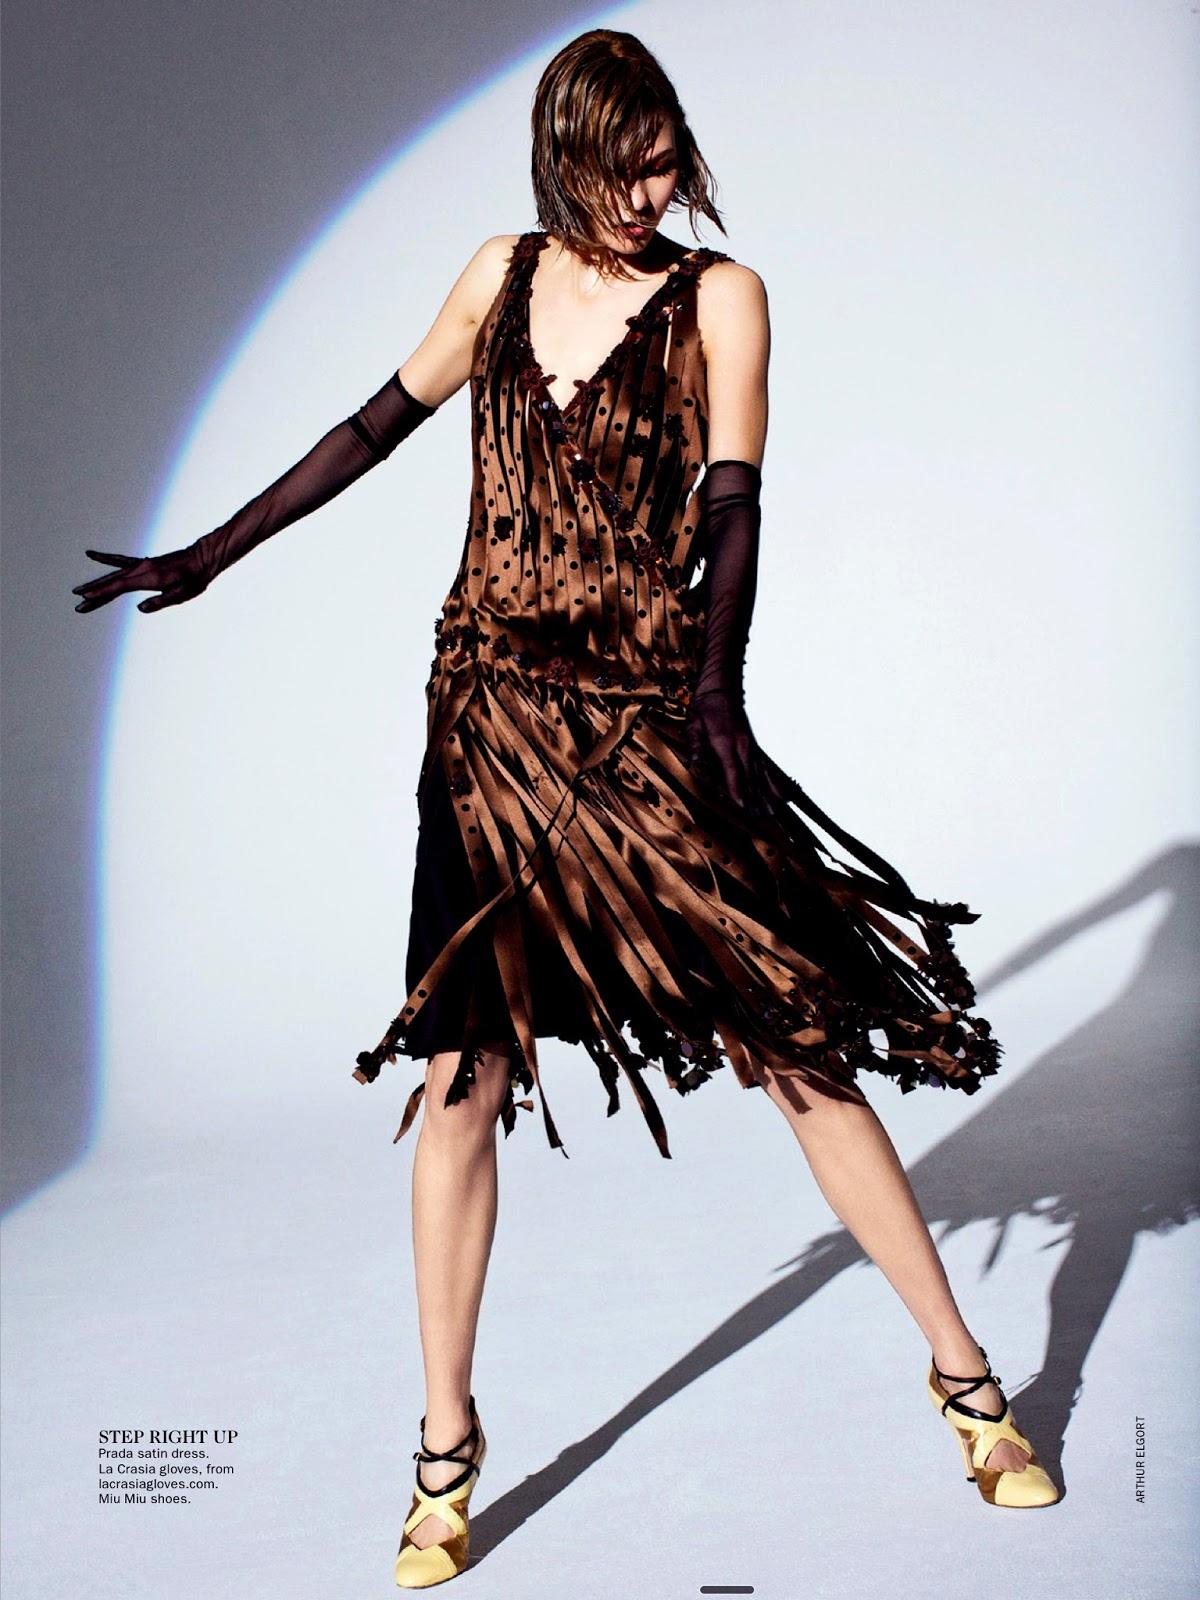 http://1.bp.blogspot.com/-K-IFLpHKW7E/UXNKxmpfKZI/AAAAAAABQBU/x6pJaZnq6OE/s1600/Vogue-Australia-May-2013-Karlie-Kloss-Editorial-2.jpg